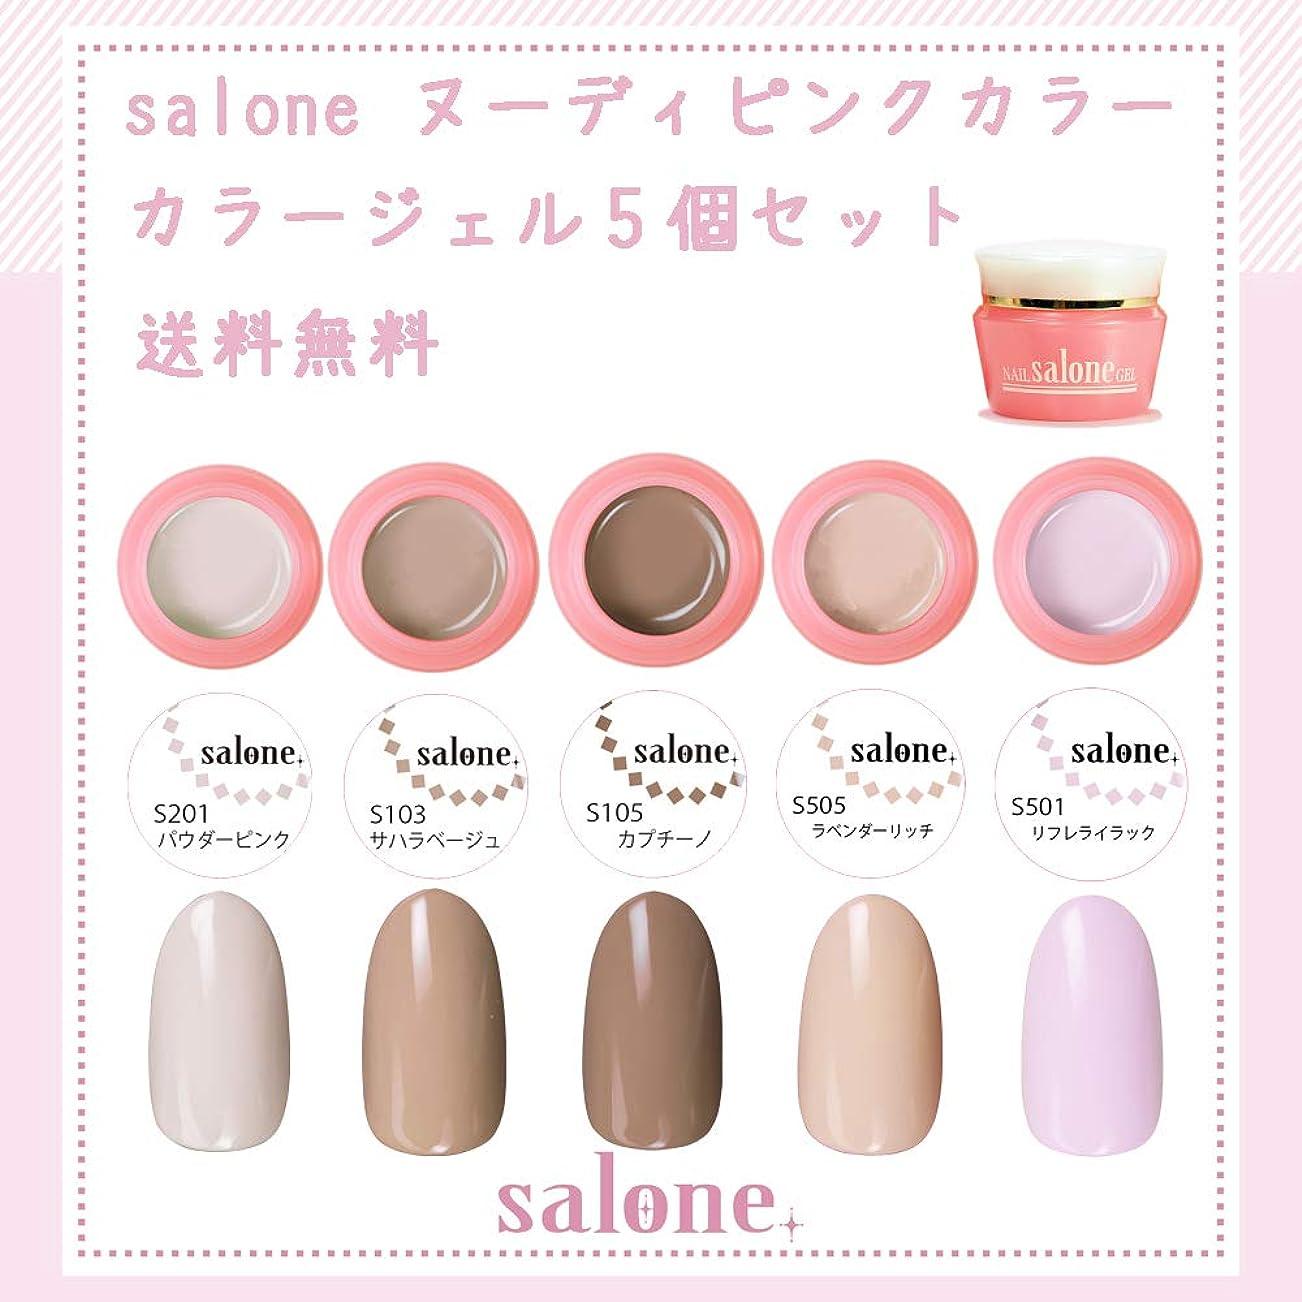 イル力強い教【送料無料 日本製】Salone ヌーディピンク カラージェル5個セット サロンで人気のピンクベースの肌馴染みの良い上品なヌーディカラー